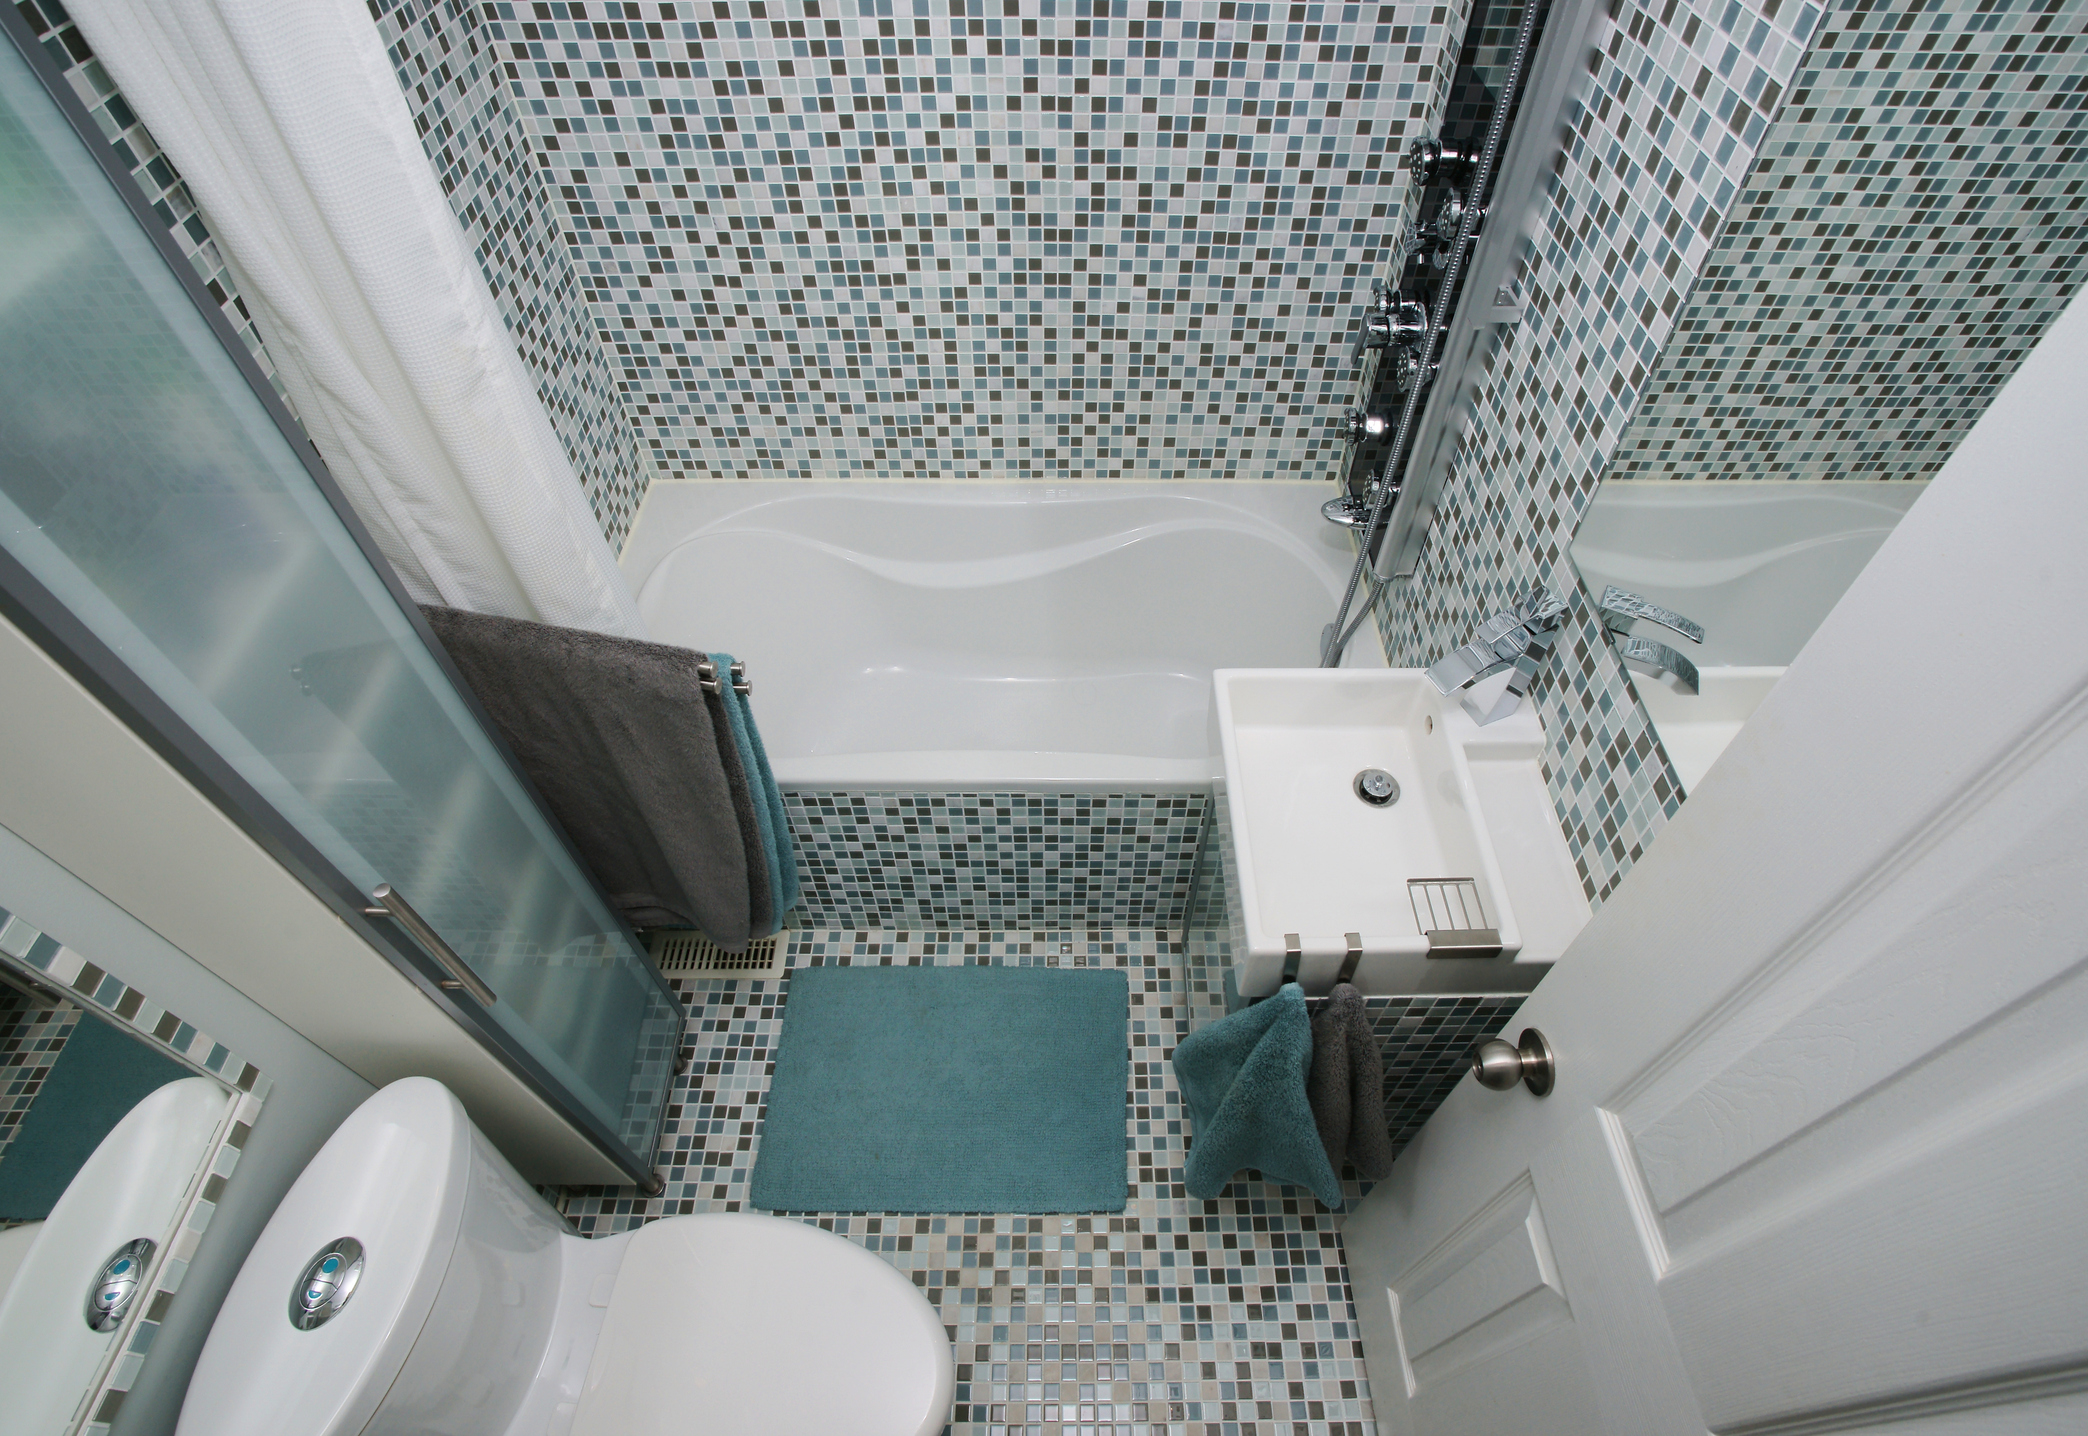 Вана - замислете се колко пъти в седмицата имате възможността да се насладите на една дълга, ароматна вана. Да...едва ли са повече от два пъти, а през останалото време тя изисква постоянна поддръжка. Освен това ваната заема доста място и прави банята да изглежда още по-тясна. Според специалистите един душ с остъклена кабина е по-доброто решение за малките бани.